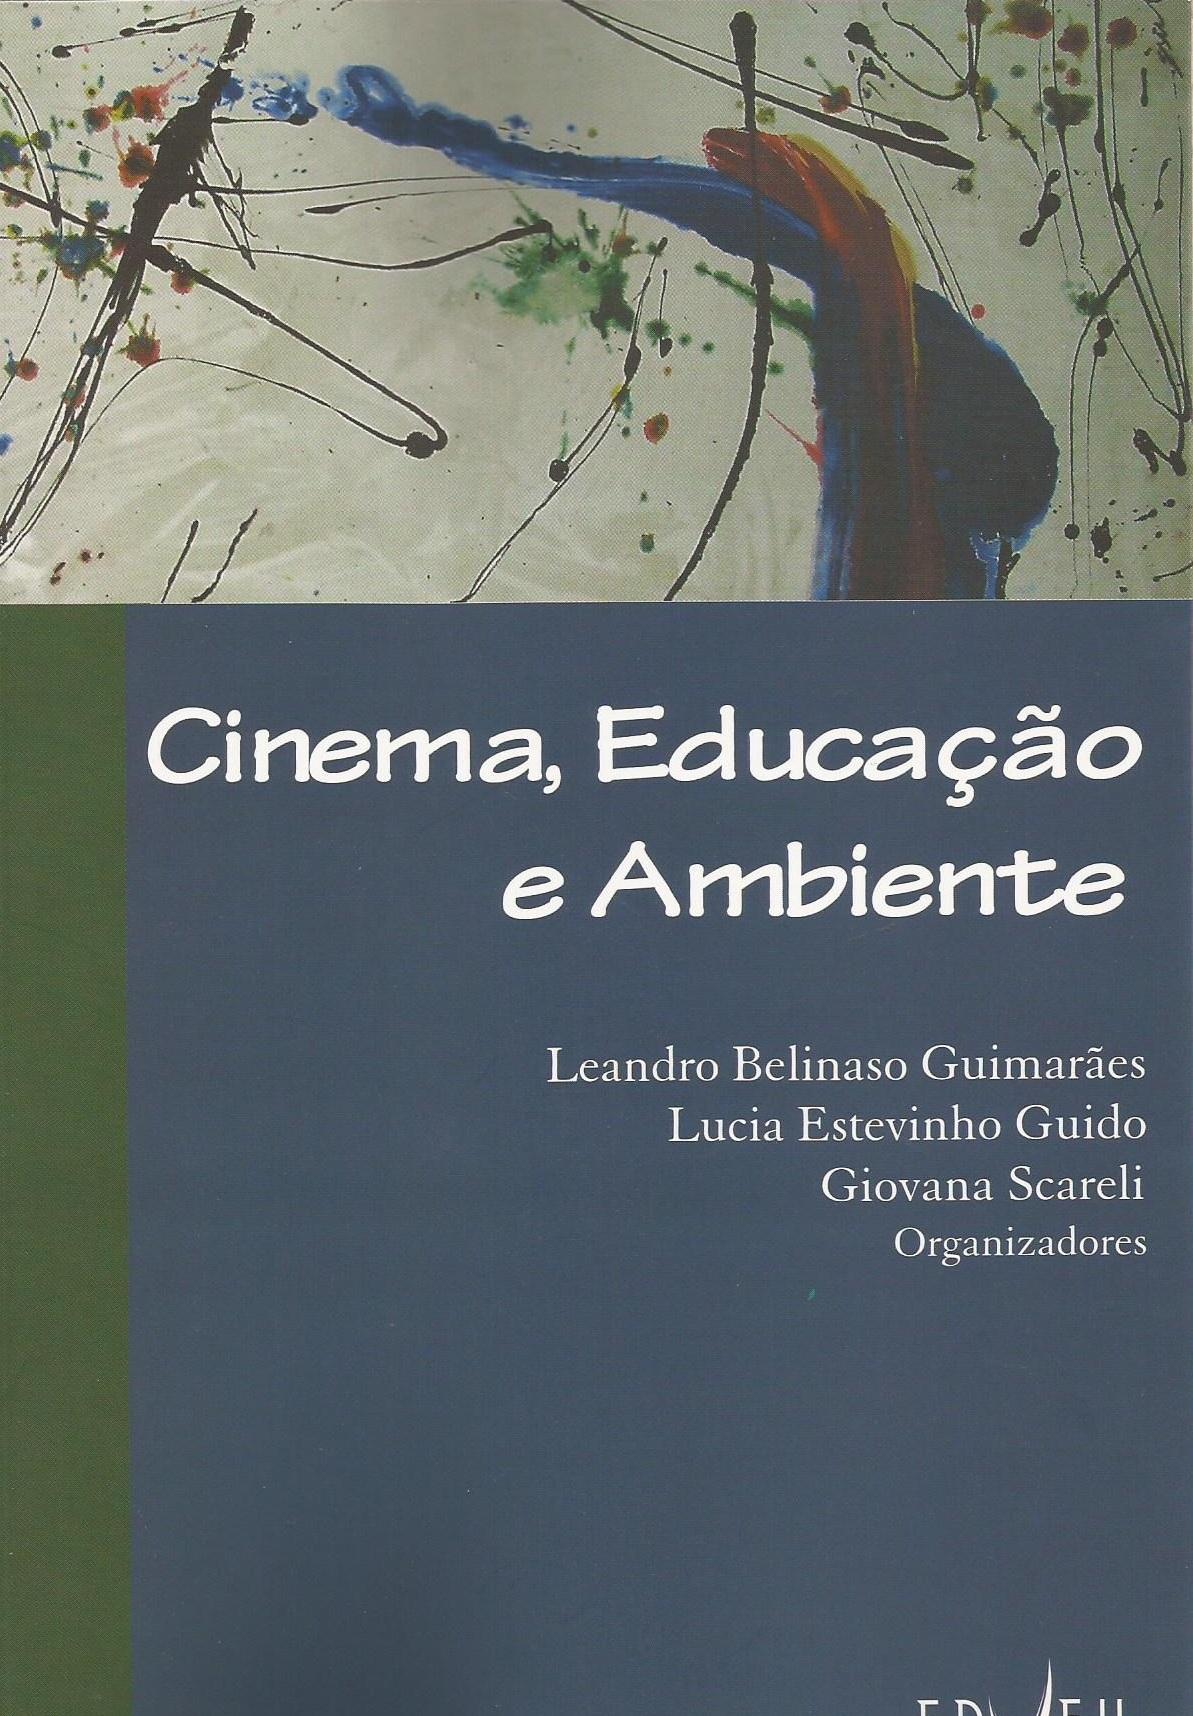 Cinema, Educação e Ambiente